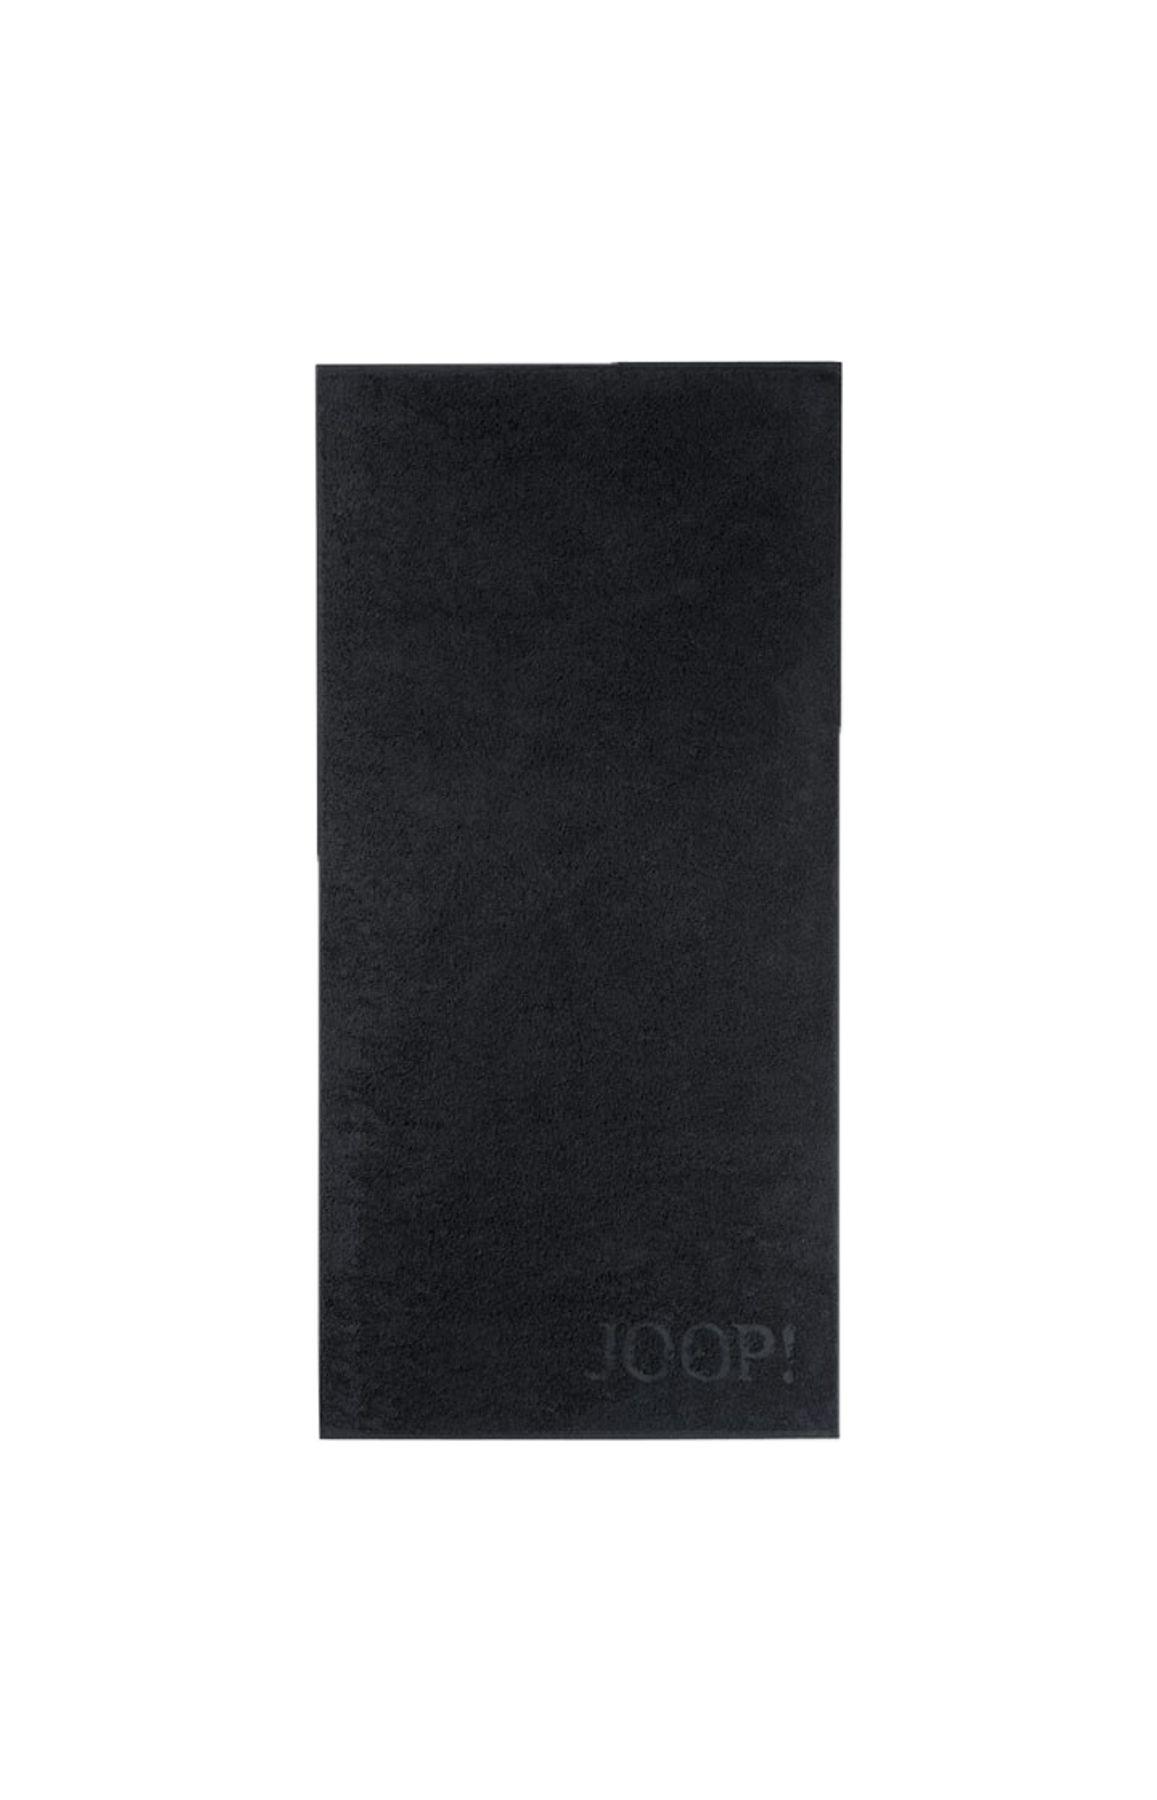 JOOP! - Frottier Handtuch in verschiedenen Größen und Farben, Uni (1500) – Bild 2